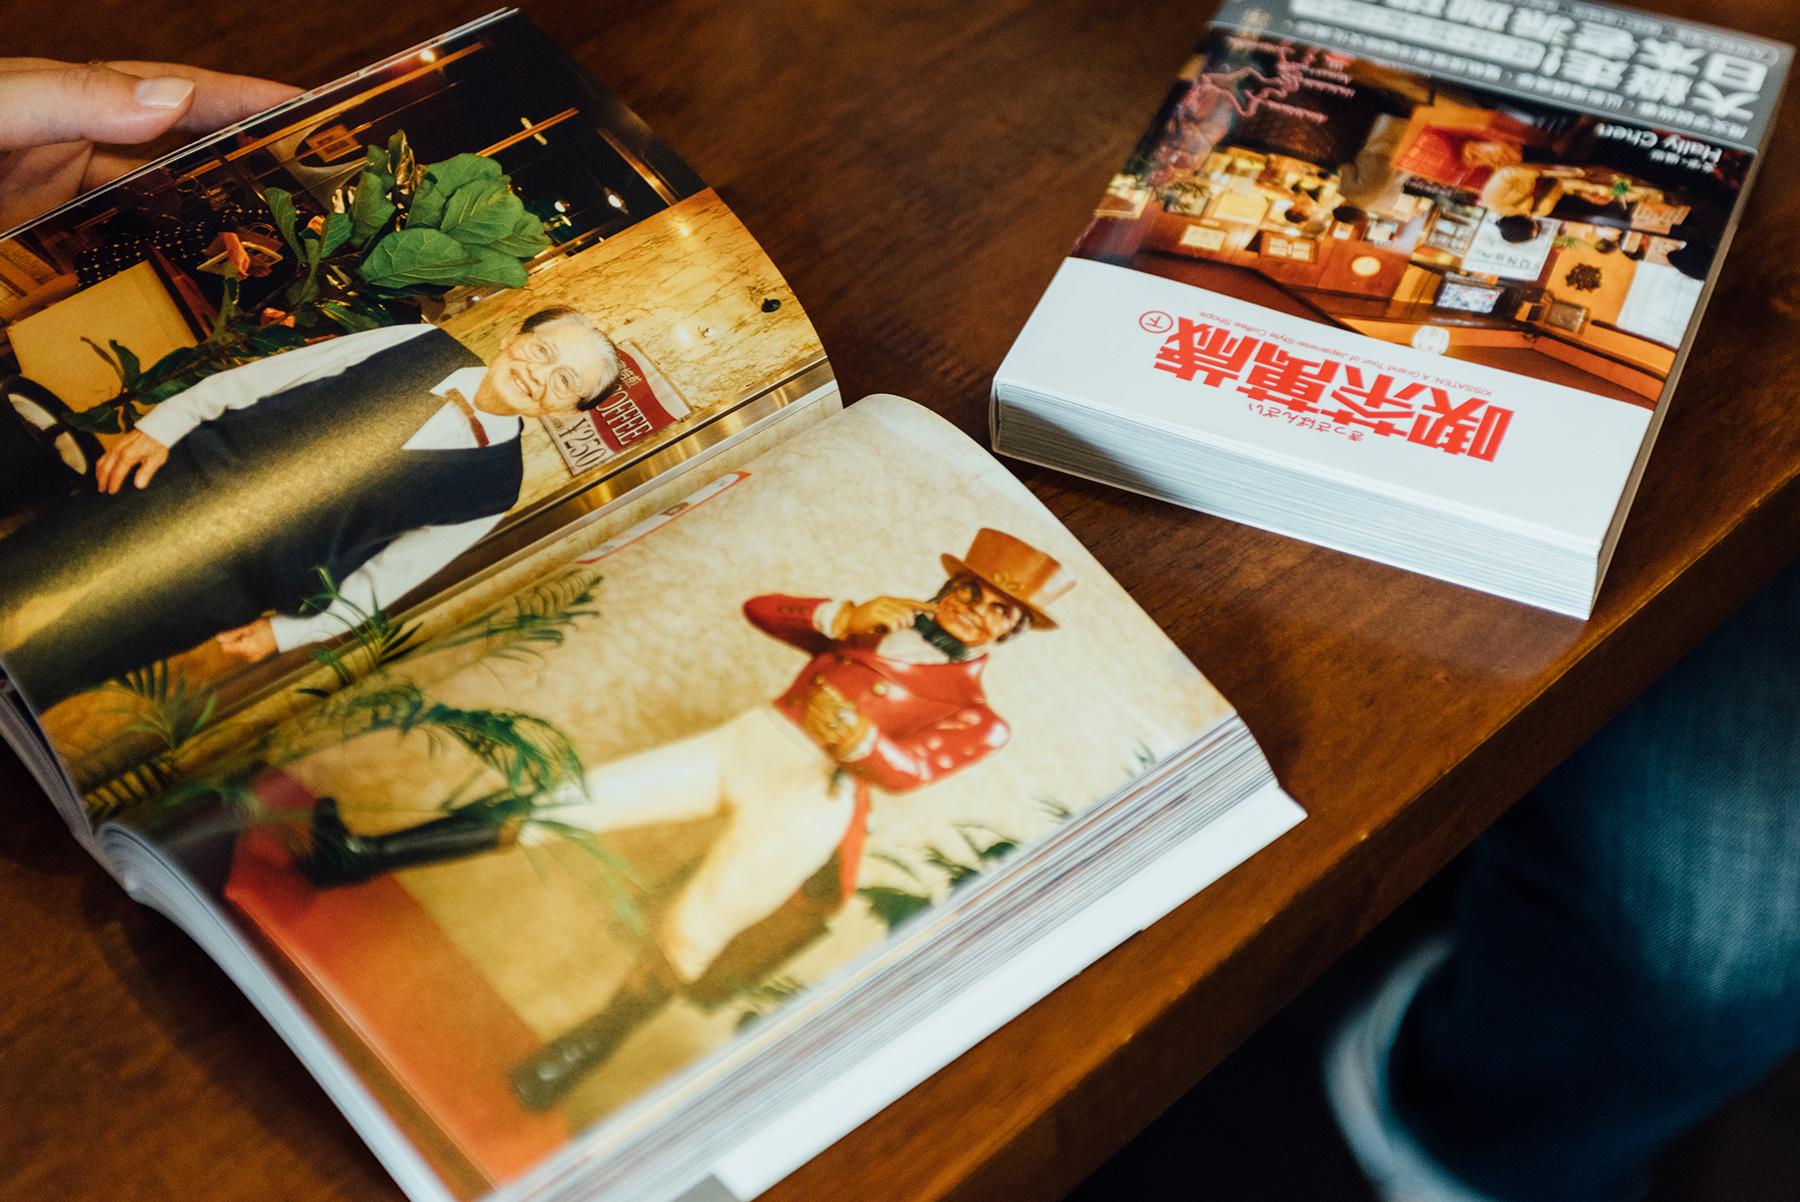 上下兩冊《喫茶萬歲》收錄了76家日式喫茶店,超過700張的照片,捕捉每家店最讓人著迷的老派氛圍。